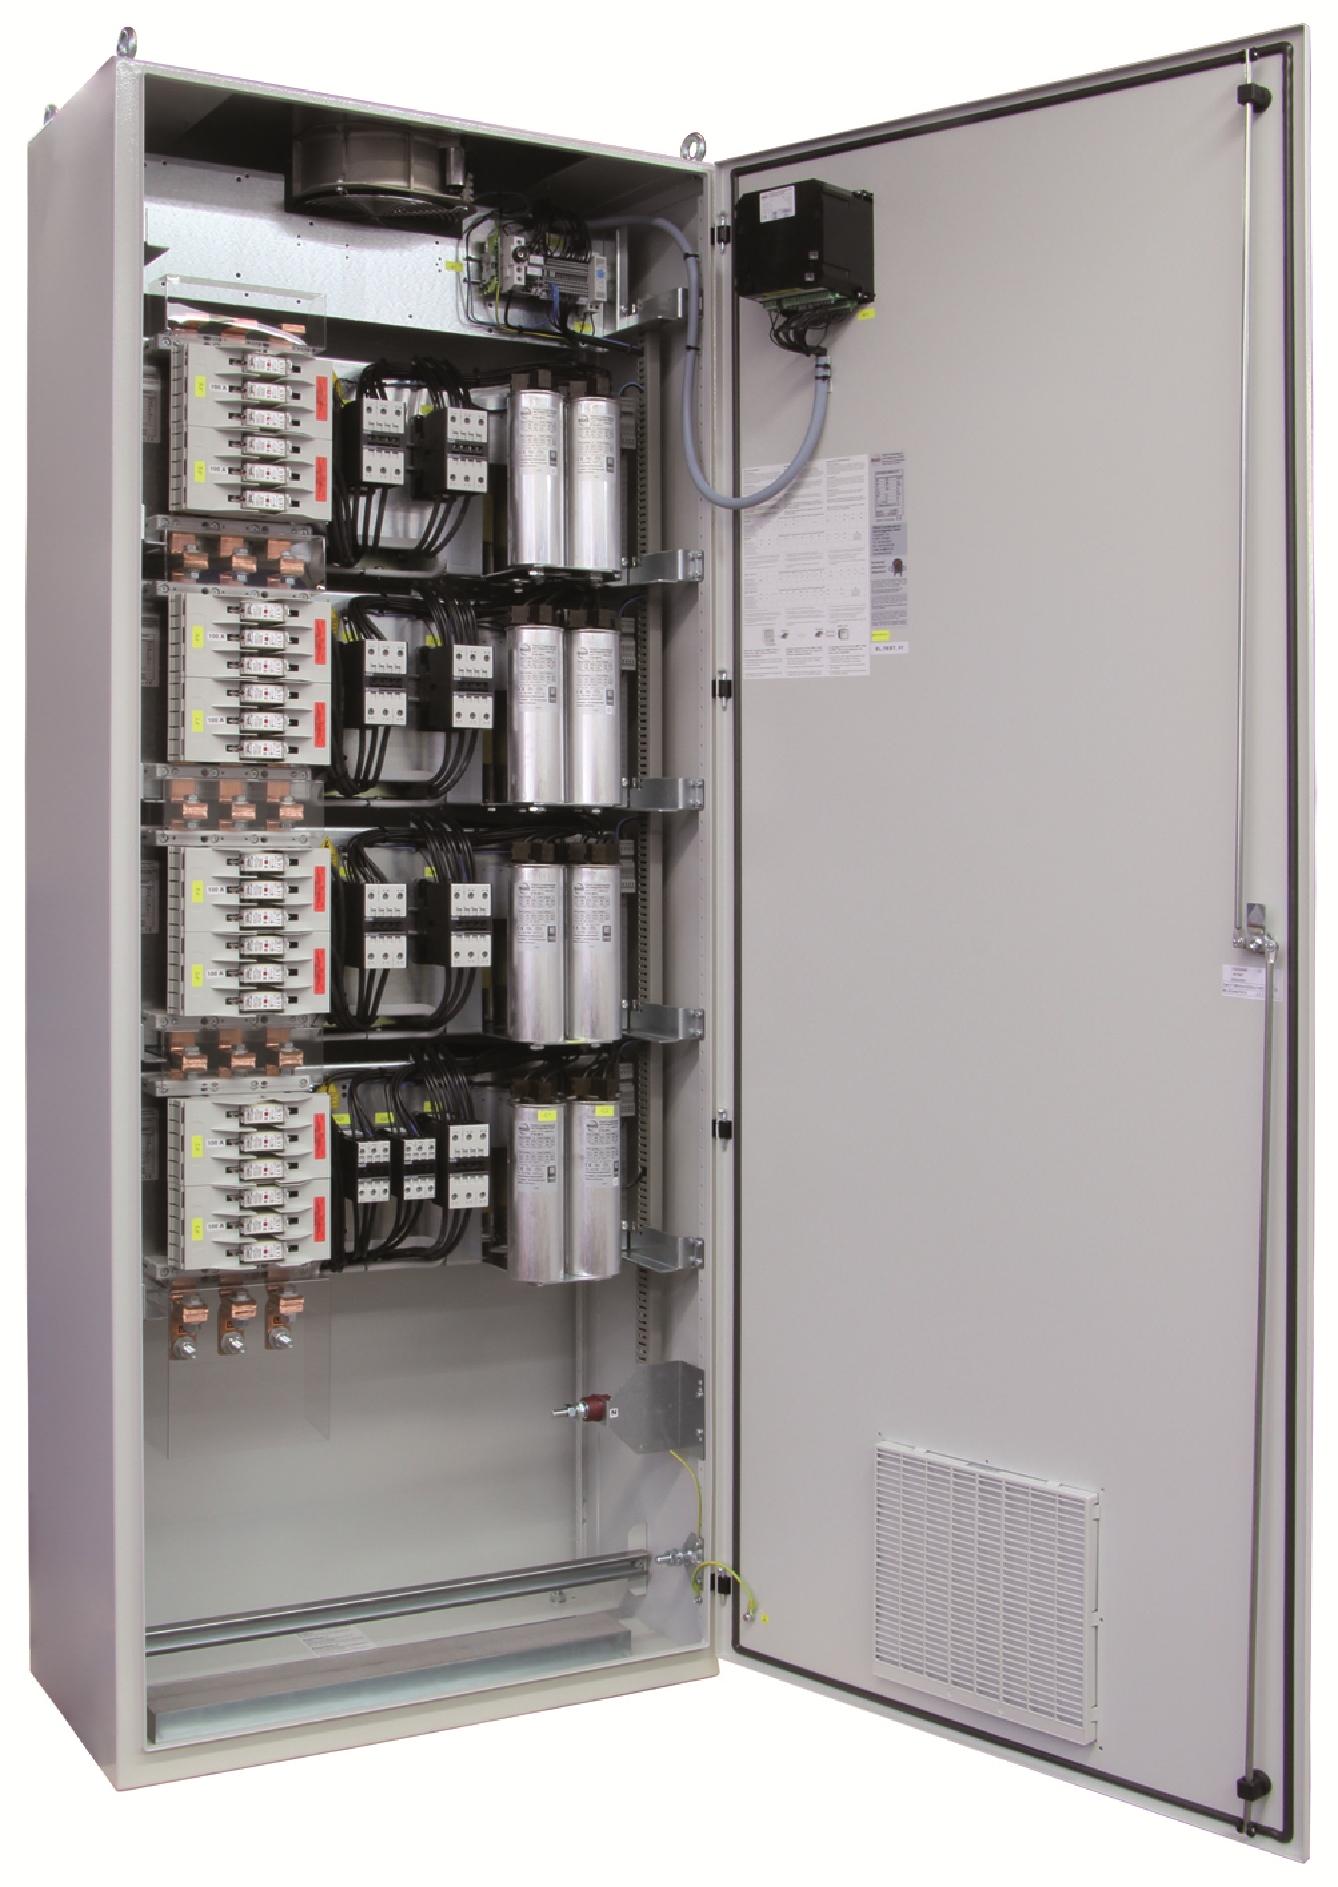 1 Stk Kompensation LSFC 14% 350/50kvar 800x2110x500mm FR3422646-